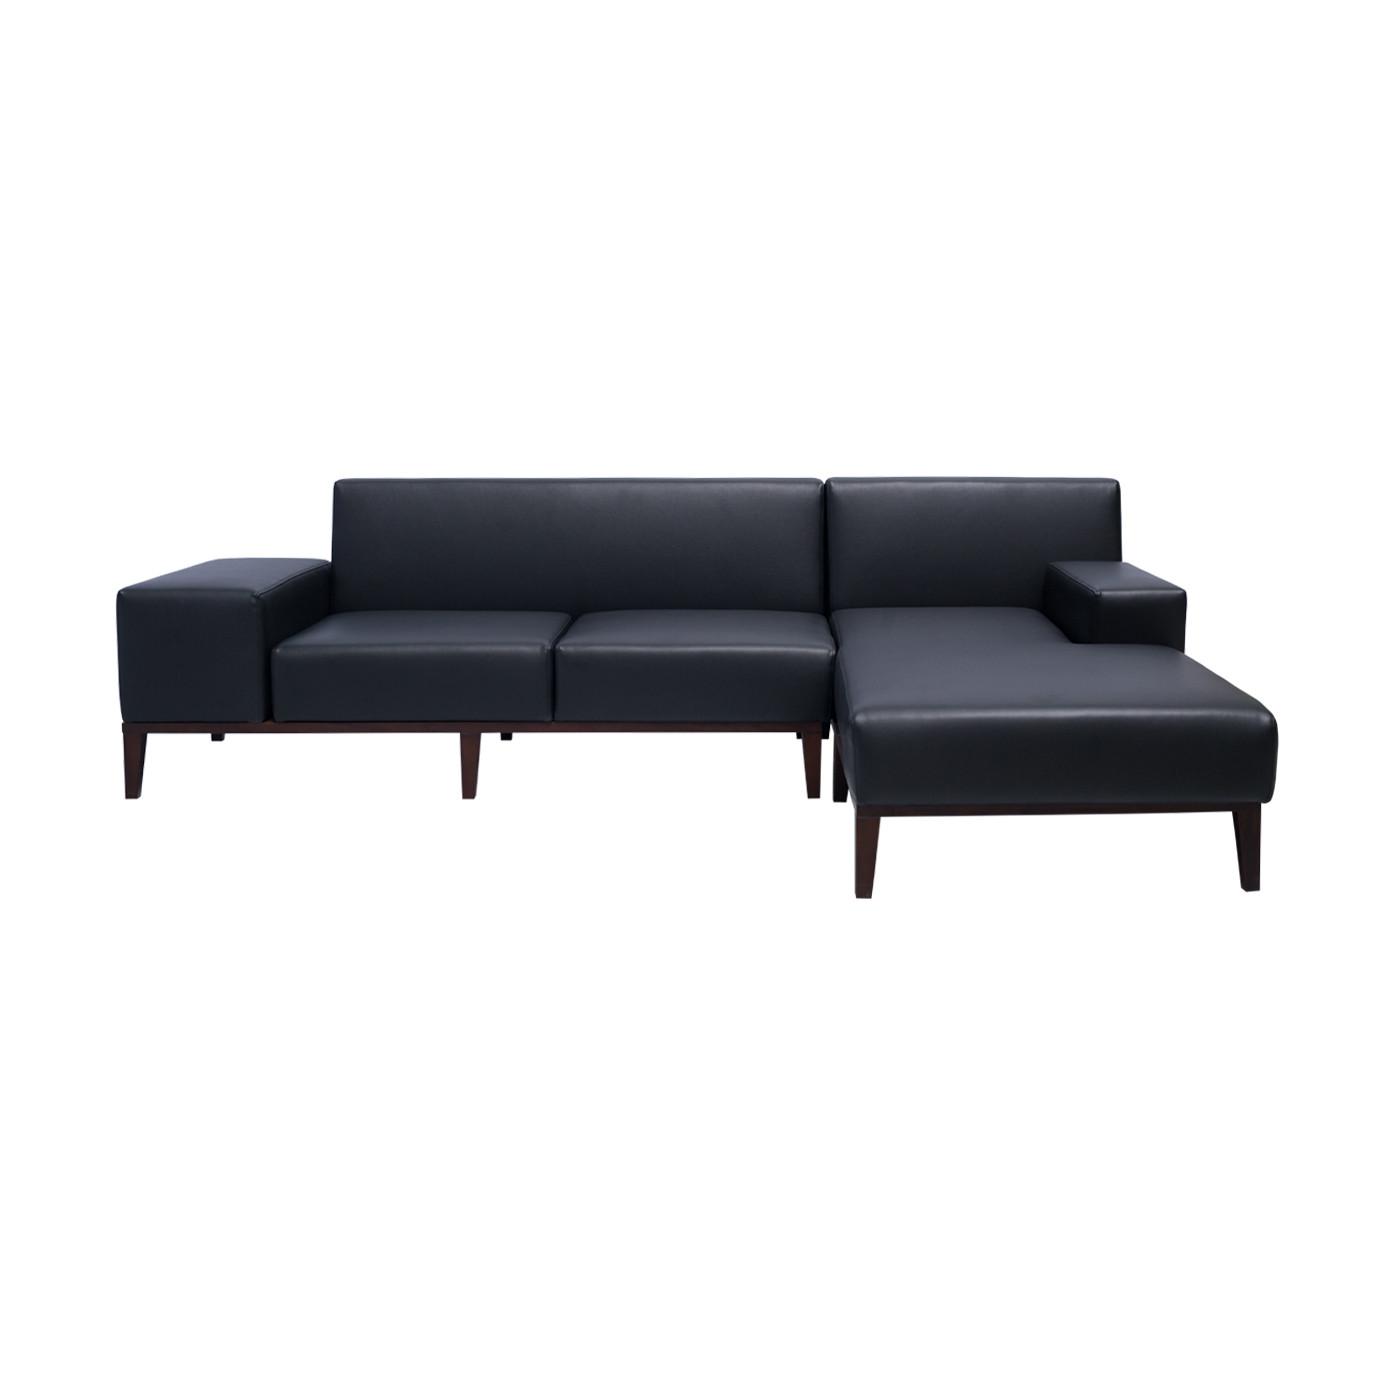 SoHo Black Dark Sofa